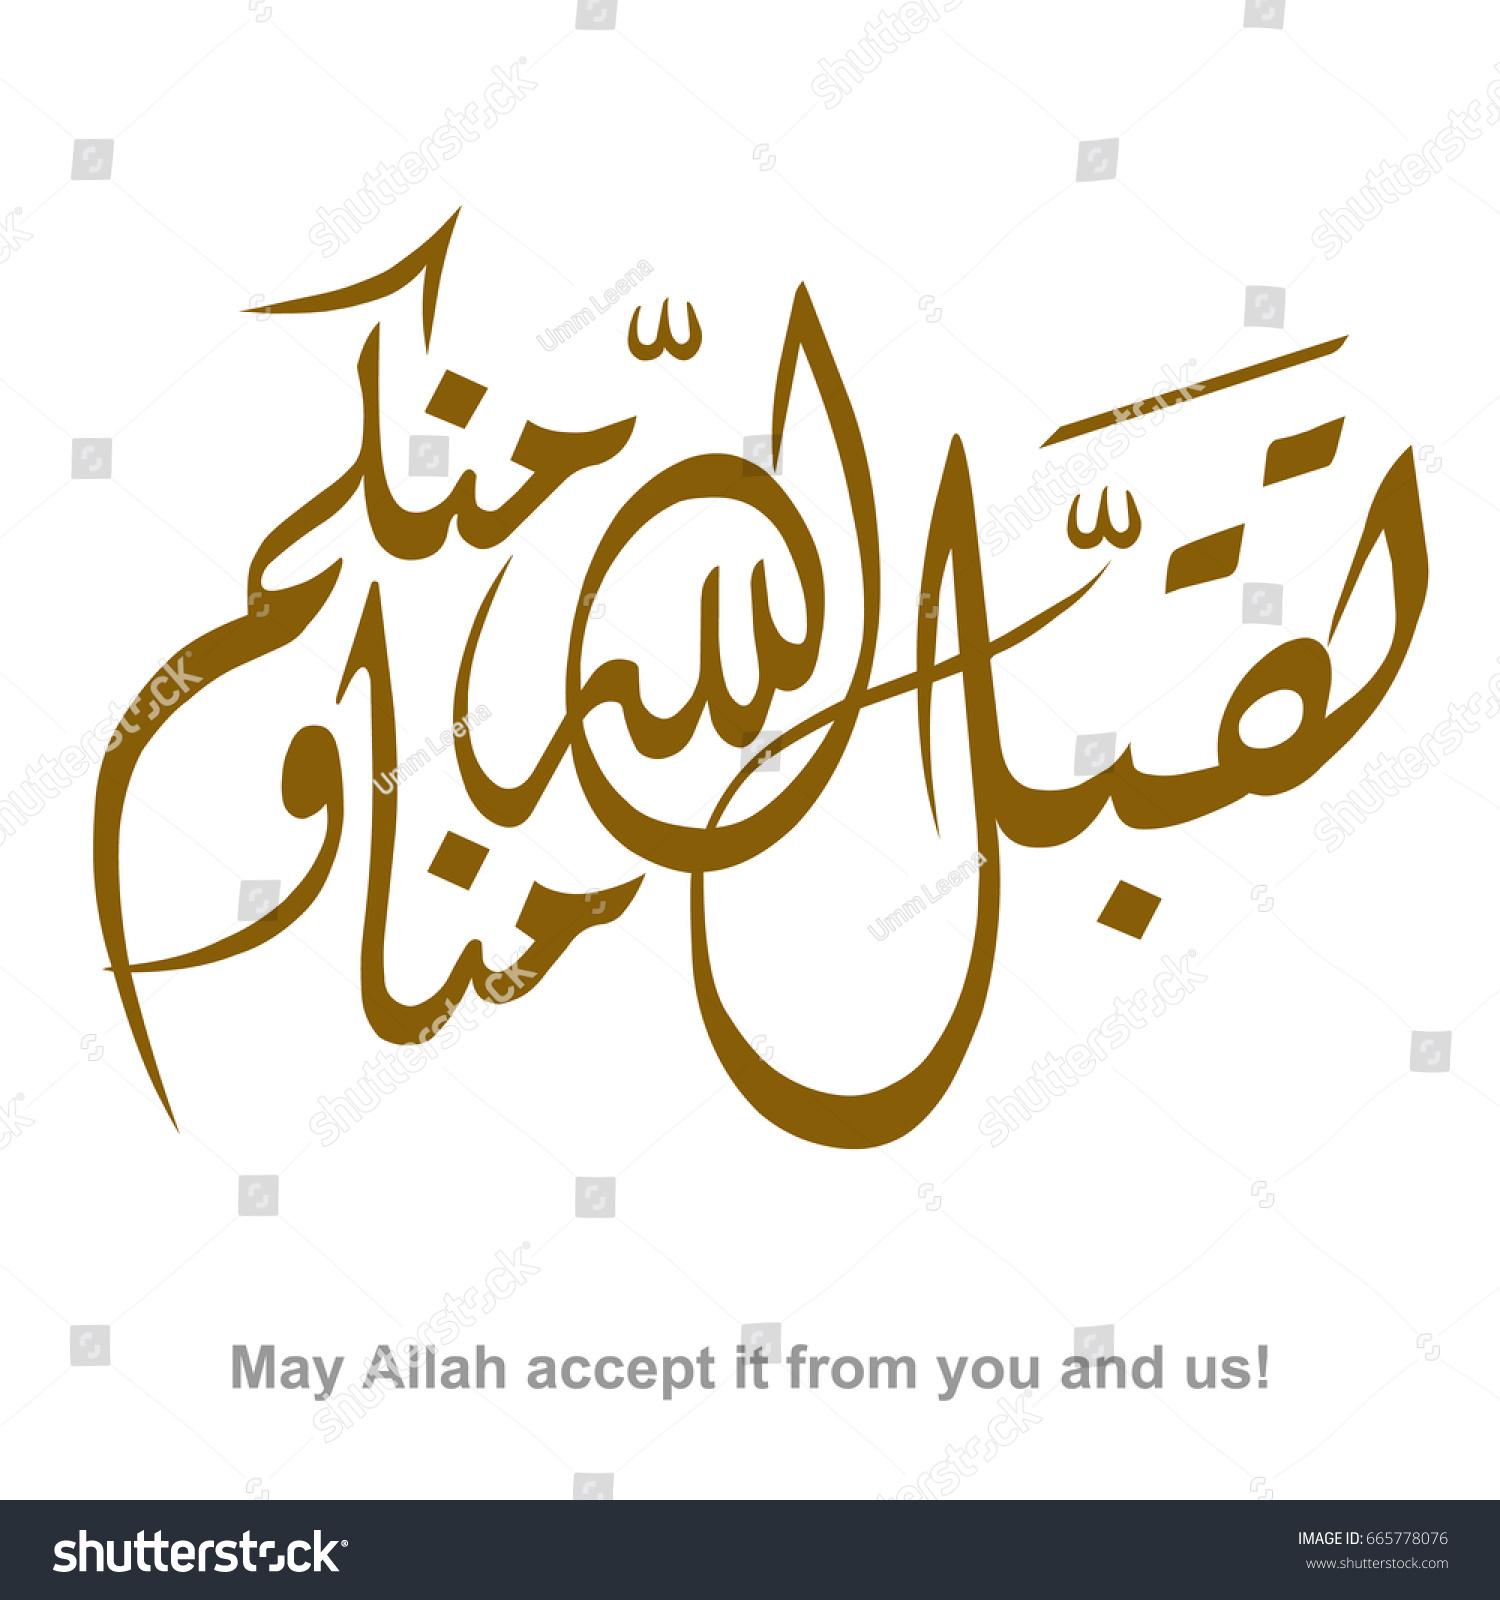 Arabic Islamic Gold Calligraphy Taqabbalallahu Minna Wa Minkum Is May Allah Accept It